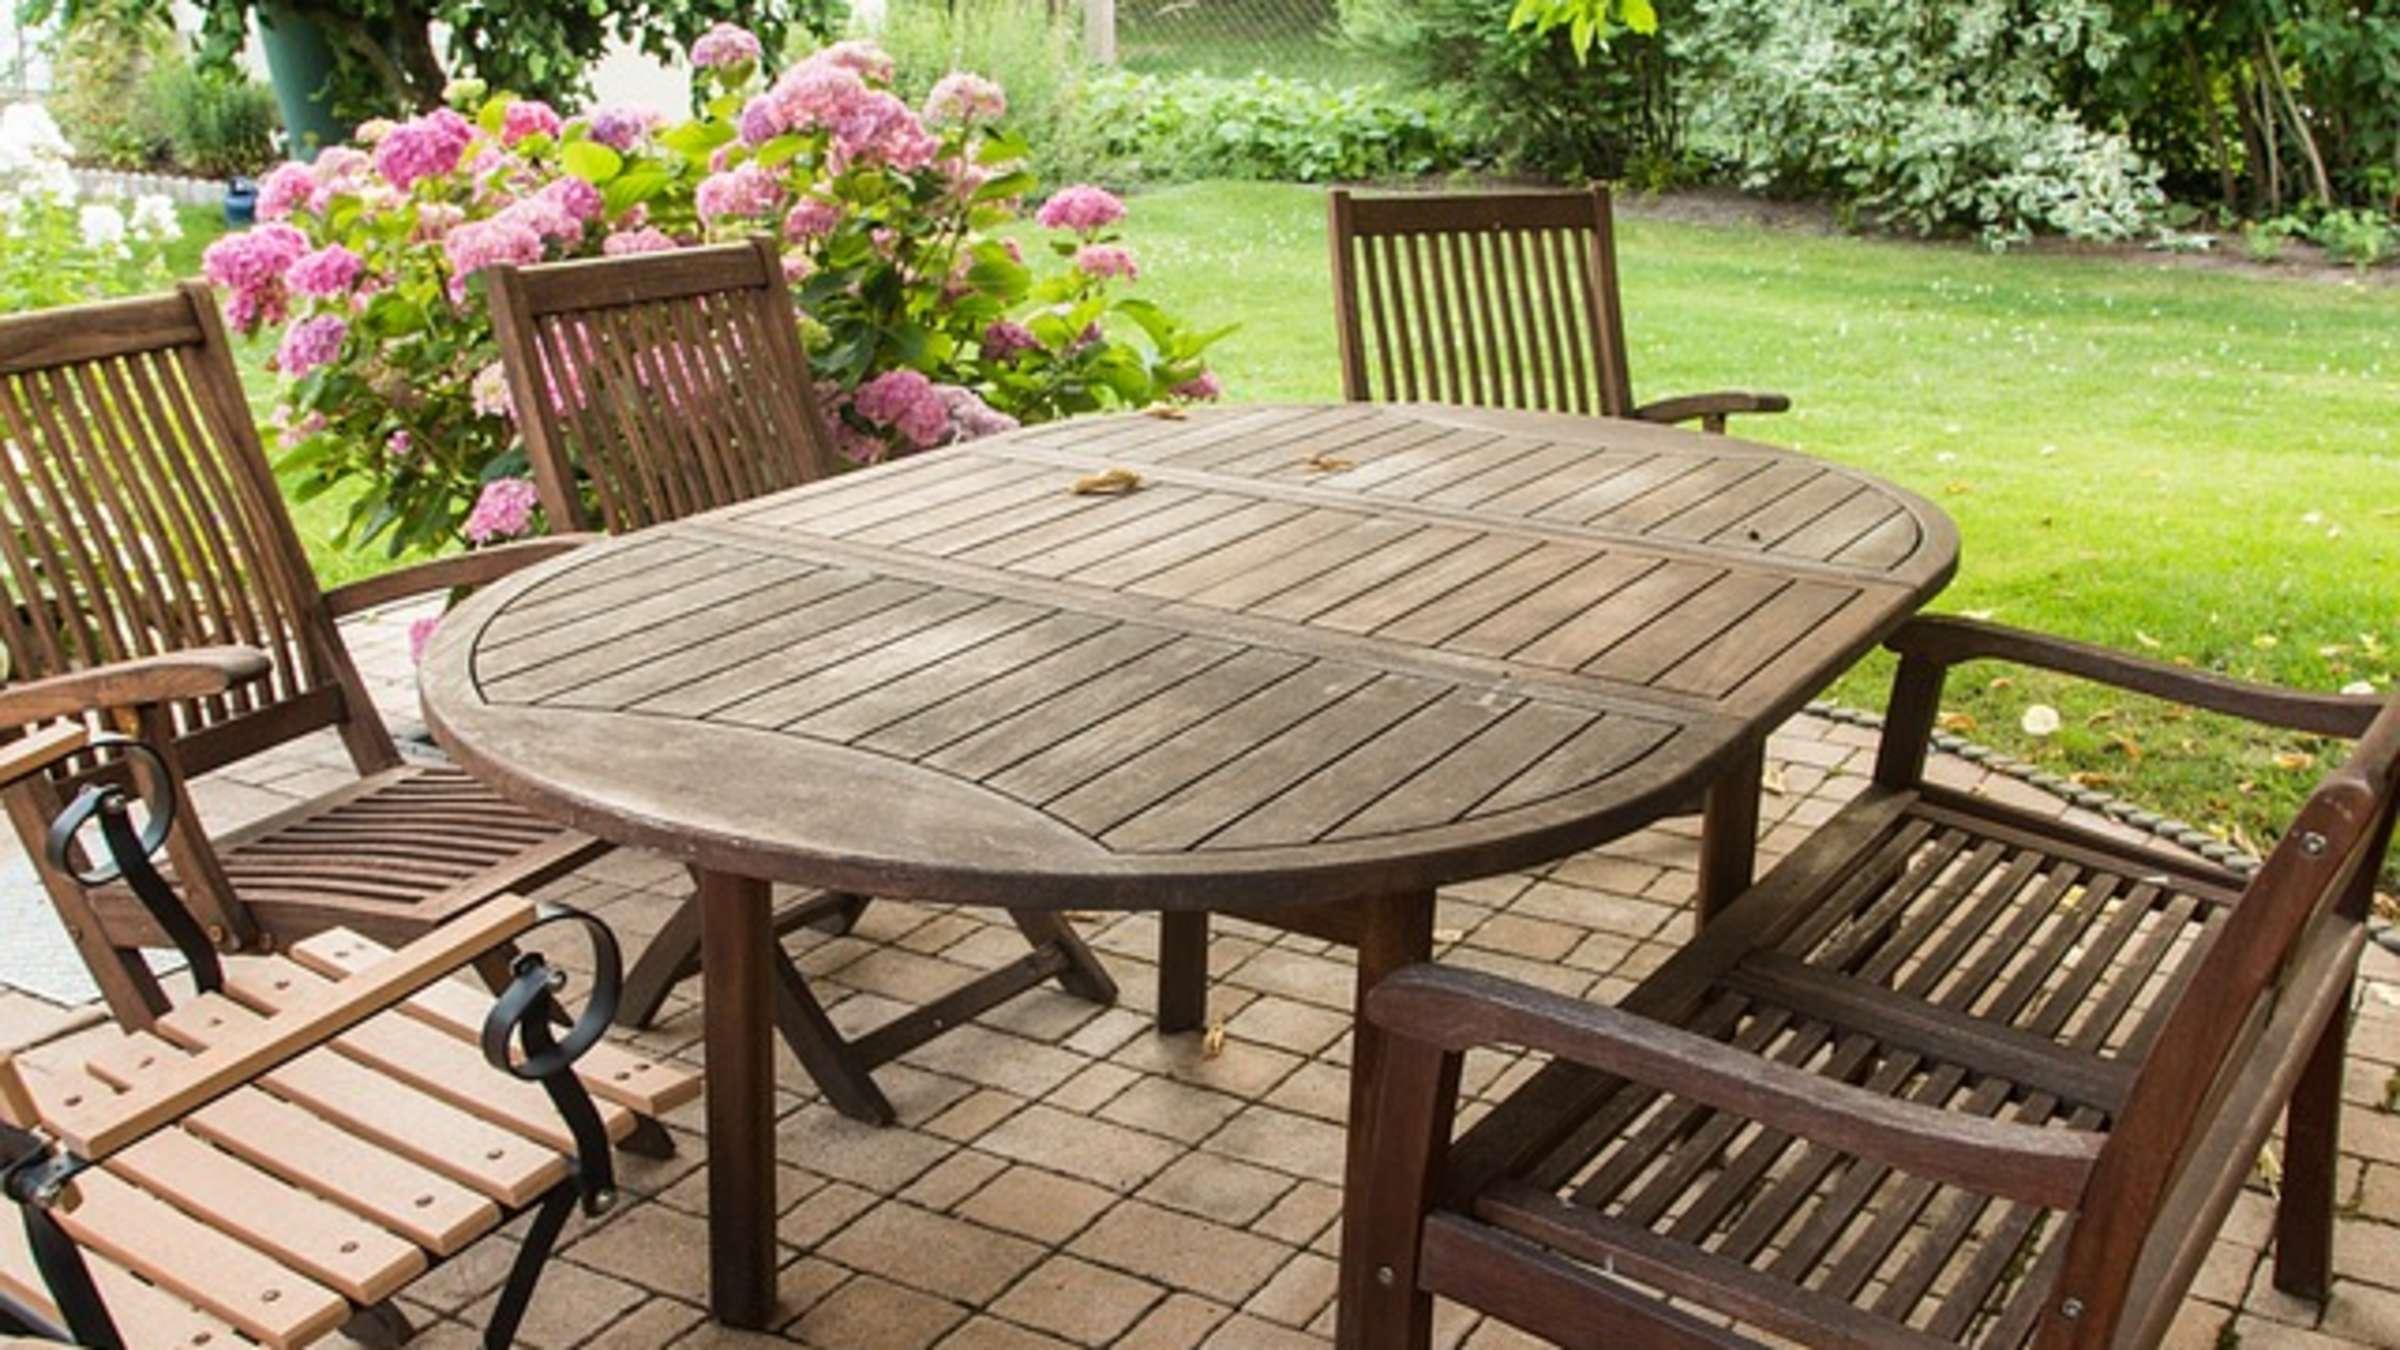 Gartenmöbel Und Balkonmöbel Reinigen Mit Diesen